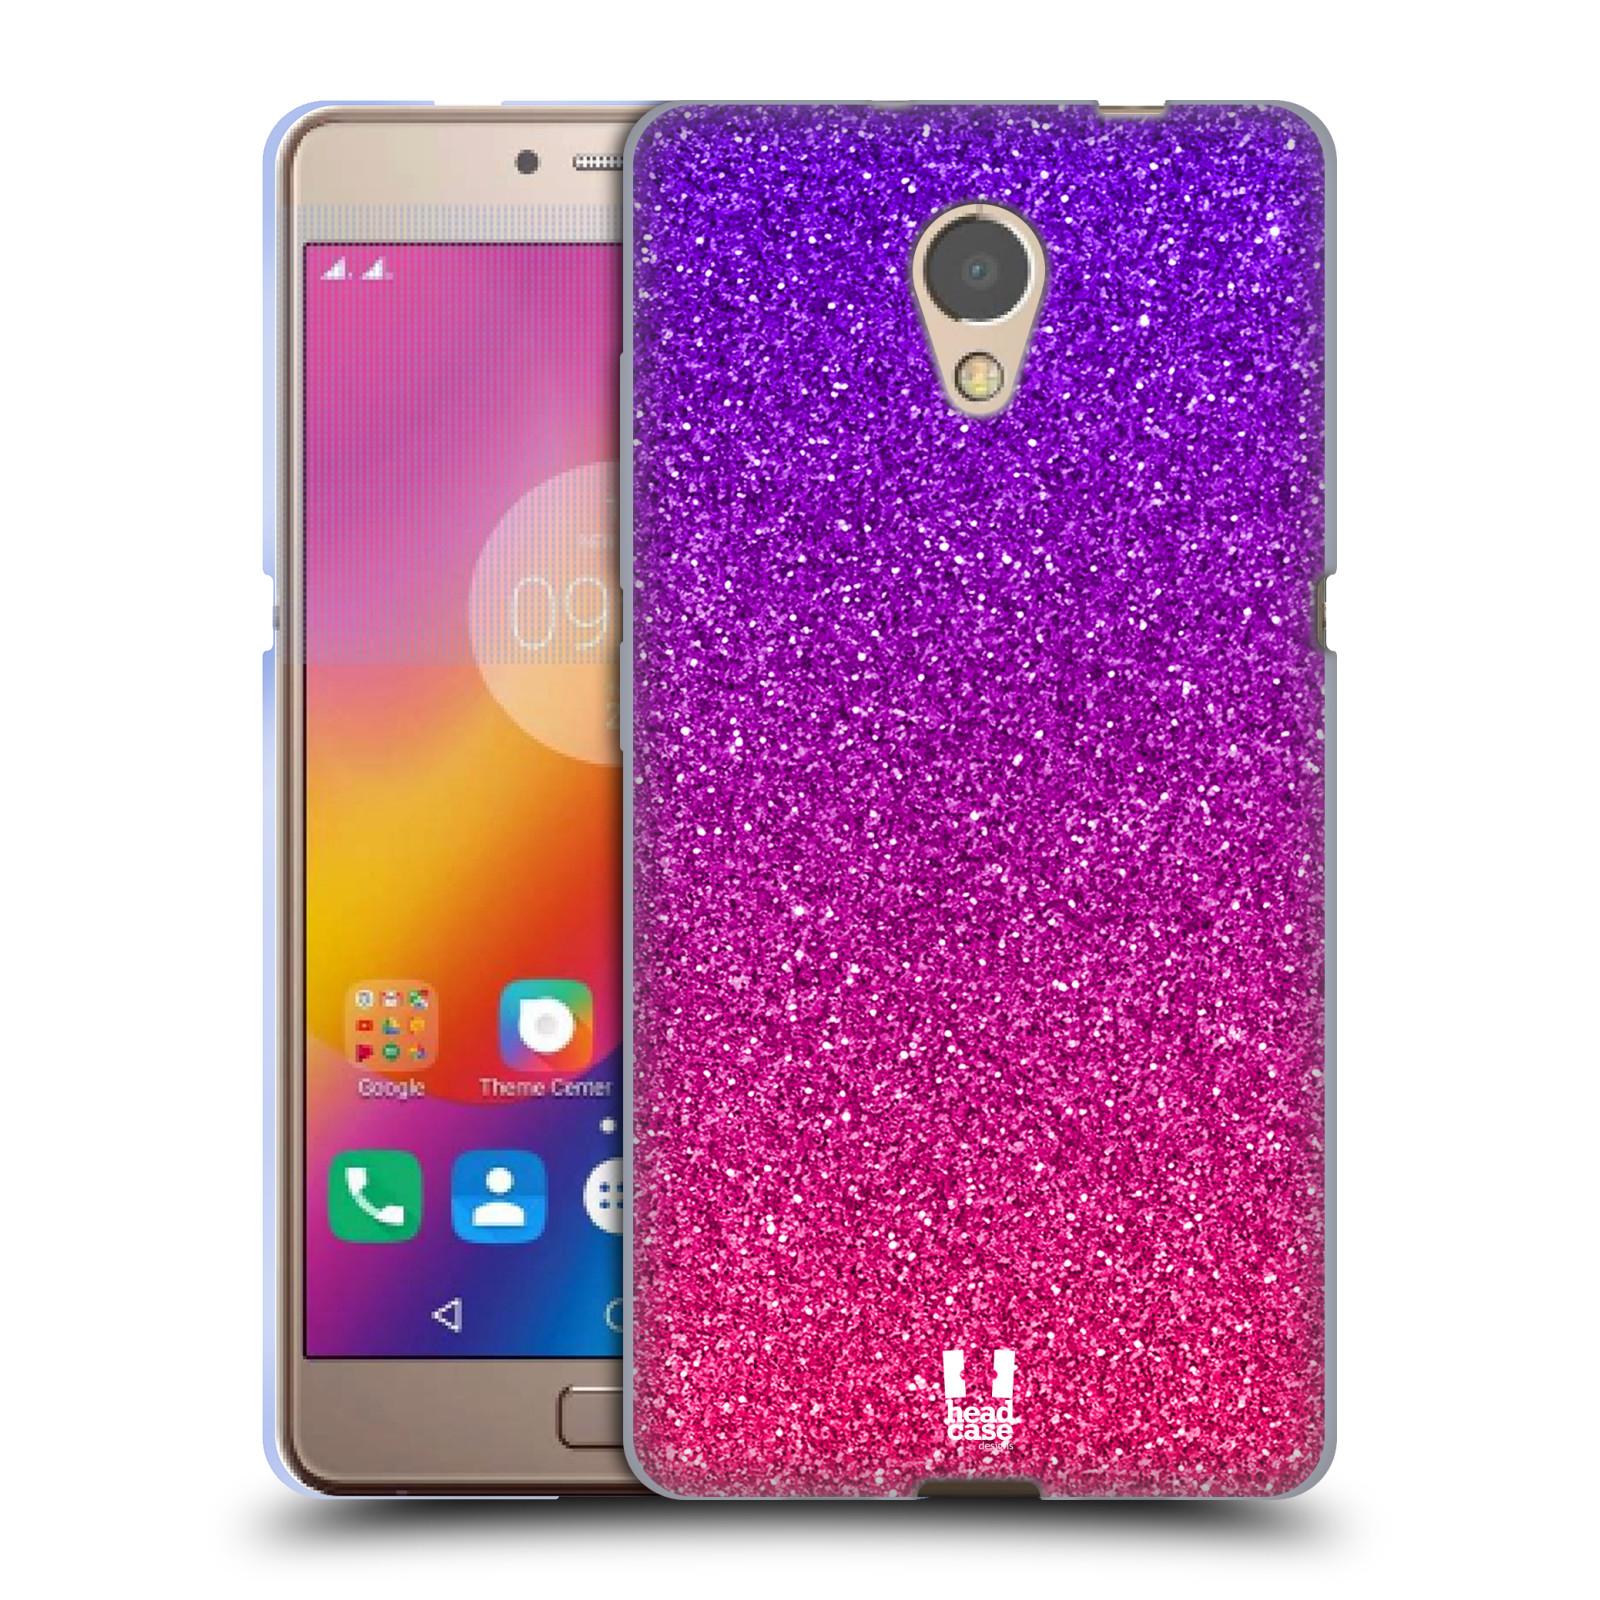 Silikonové pouzdro na mobil Lenovo P2 - Head Case - Mix Pink (Silikonový kryt či obal na mobilní telefon Lenovo P2 Dual Sim s motivem Mix Pink)